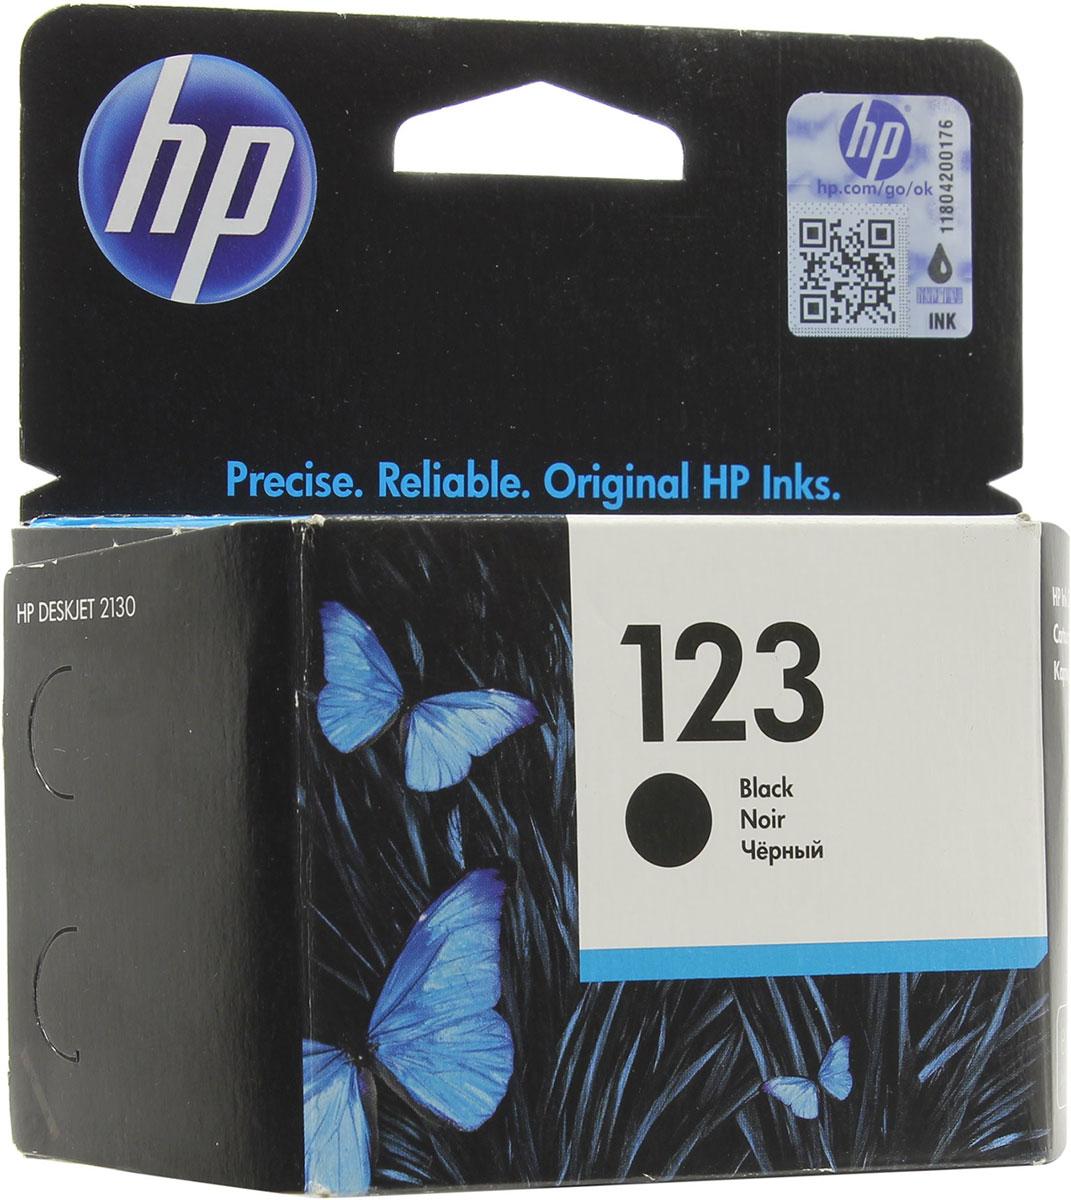 HP F6V17AE BHK, Black картридж для DeskJet 2130 All-in-One (K7N77C)F6V17AEВыполняйте высококачественную печать документов с помощью недорогих струйных оригинальных картриджей HP. Оцените надежность и качество результатов благодаря наличию специальных средств защиты (которые гарантируют, что вы приобрели оригинальный картридж) и системы оповещения о низком уровне чернил. Раскройте все возможности принтеров и чернил HP. Создавайте фотографии и документы неизменно высокого качества с помощью оригинальных струйных картриджей HP. Оригинальные струйные картриджи HP отличаются надежностью и обеспечивают стабильно высокое качество результатов. Оцените непревзойденное качество печати для дома, учебы или работы, и используйте картриджи, специально разработанные и протестированные для работы с принтерами HP.